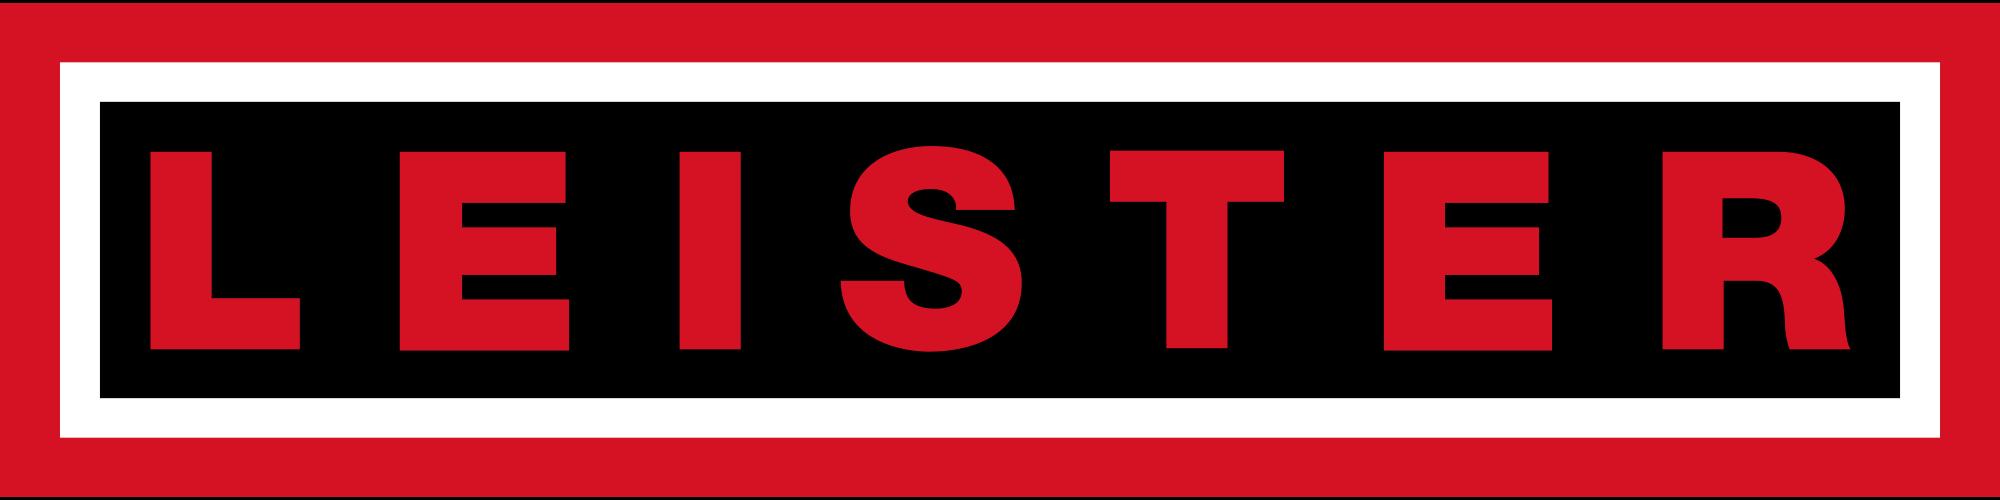 leister-logotyp